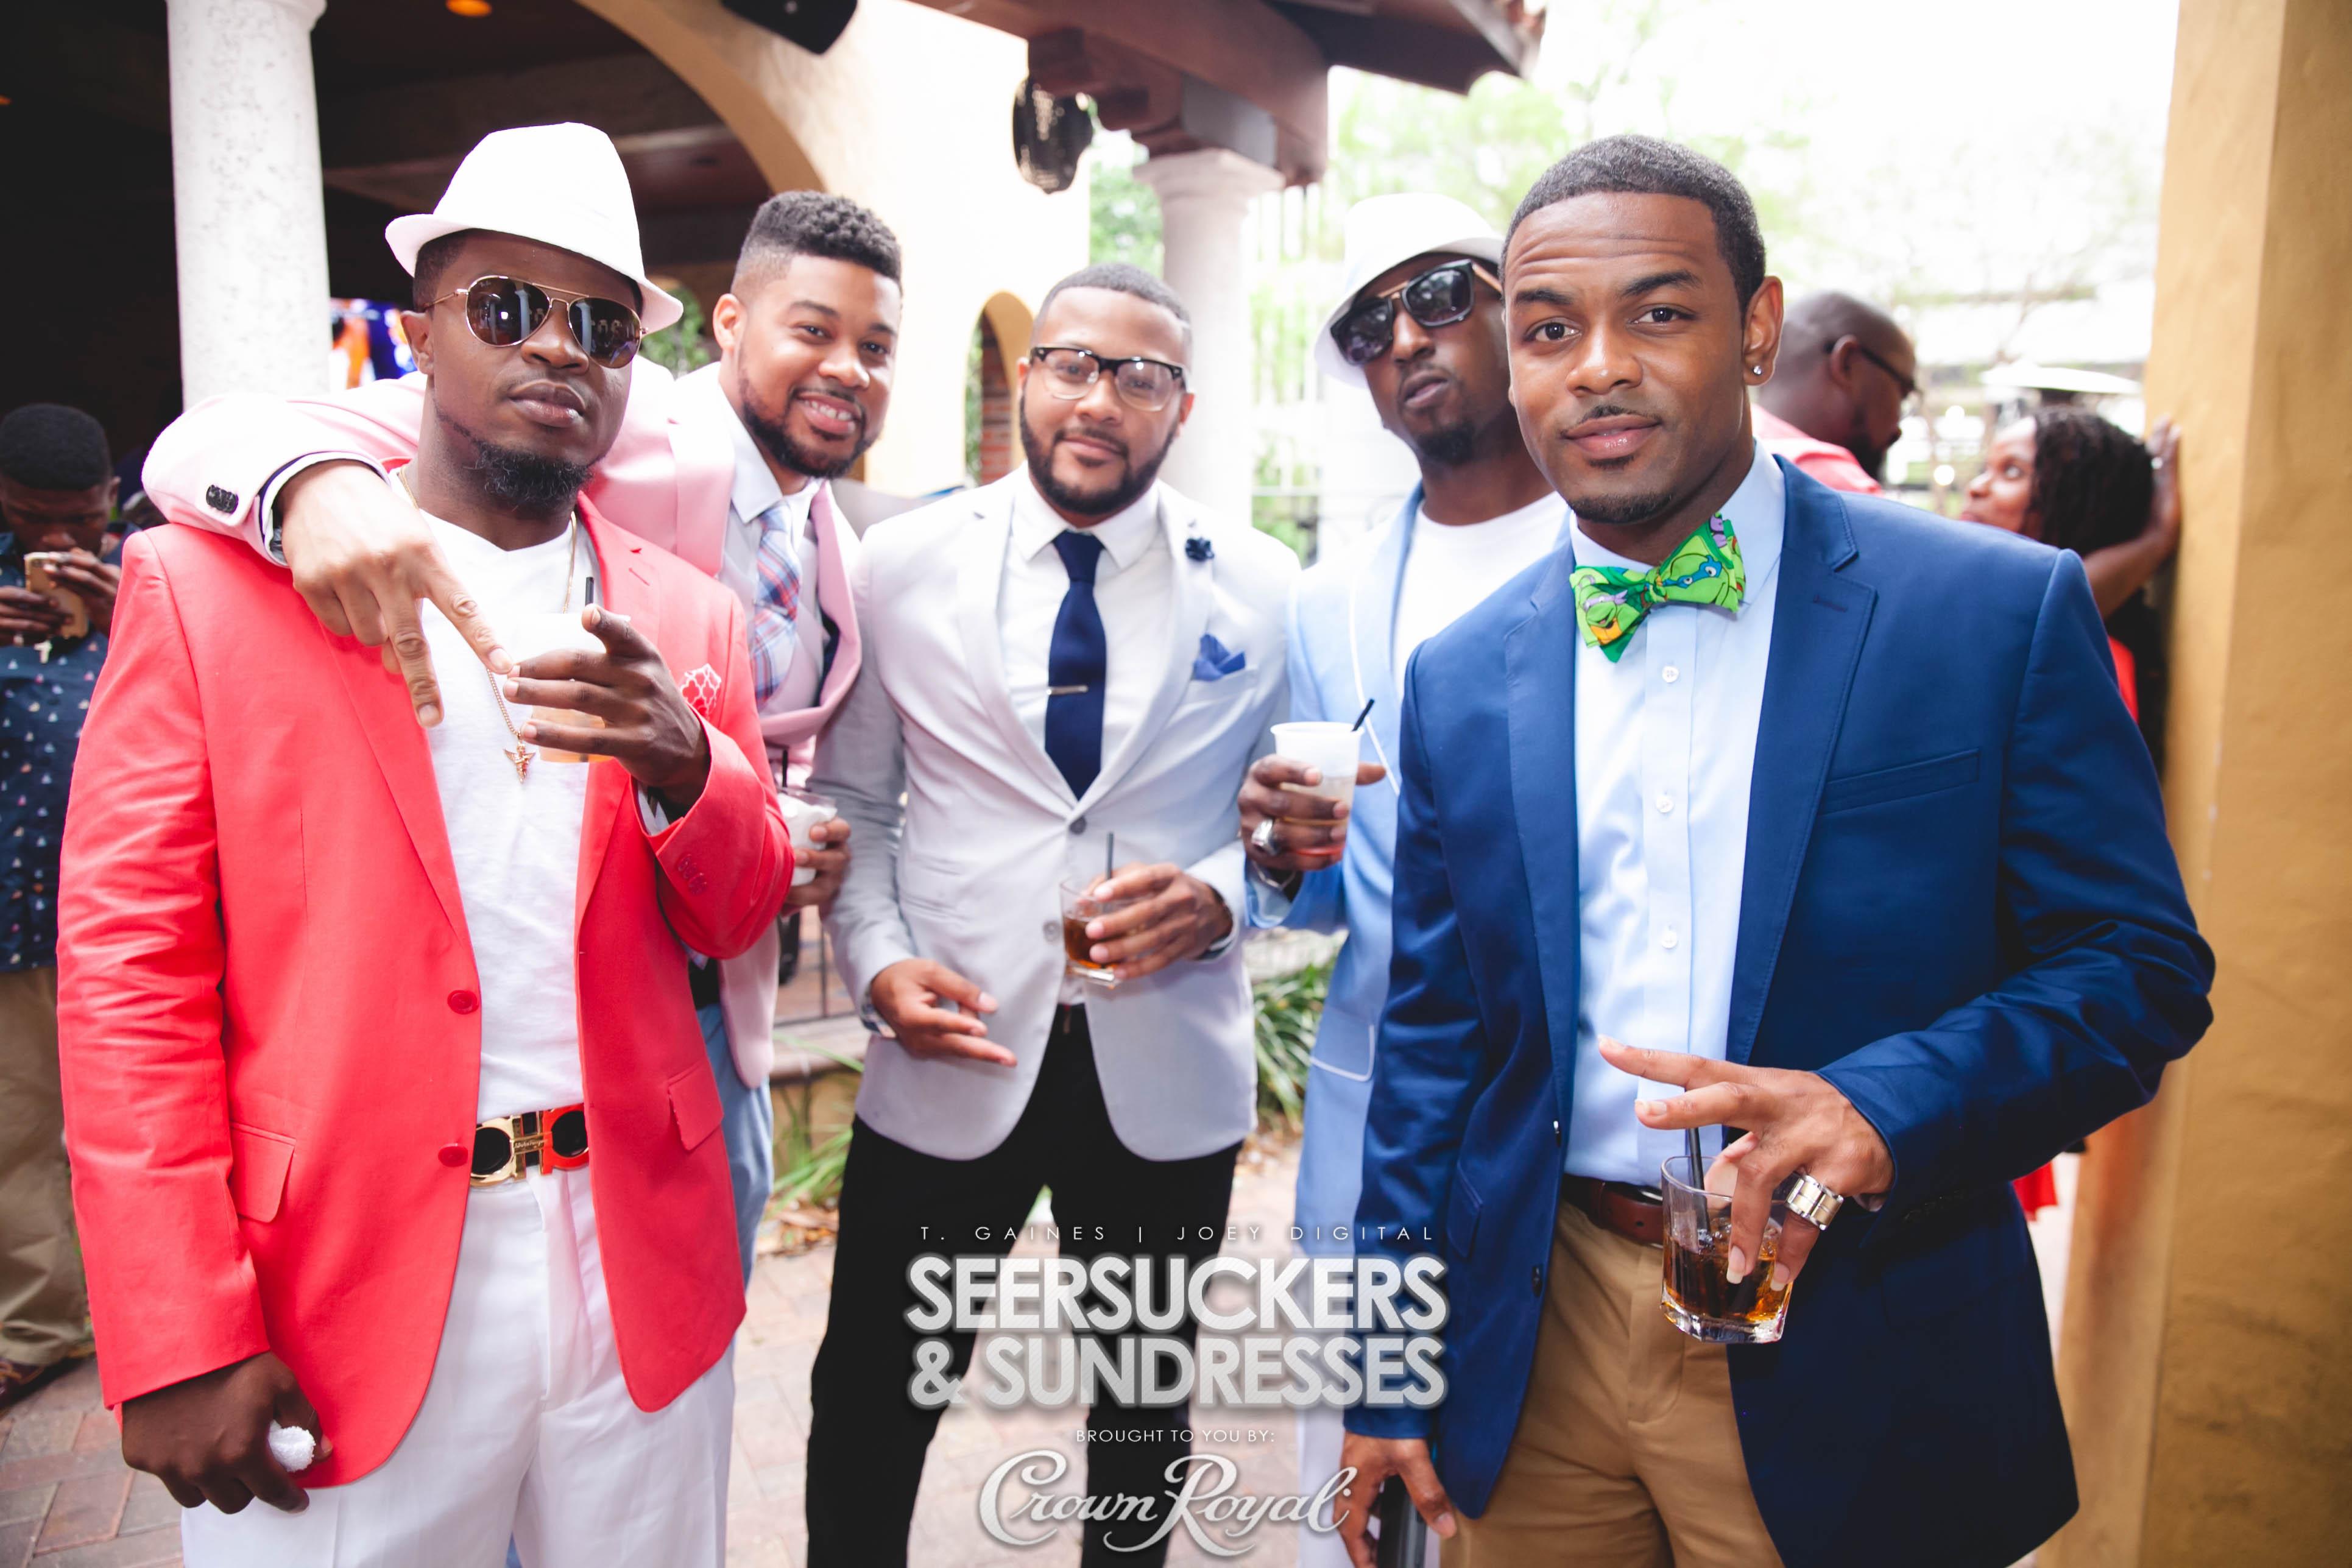 Seersuckers & Sundresses 2016 Part II | T. Gaines & Joey Digital